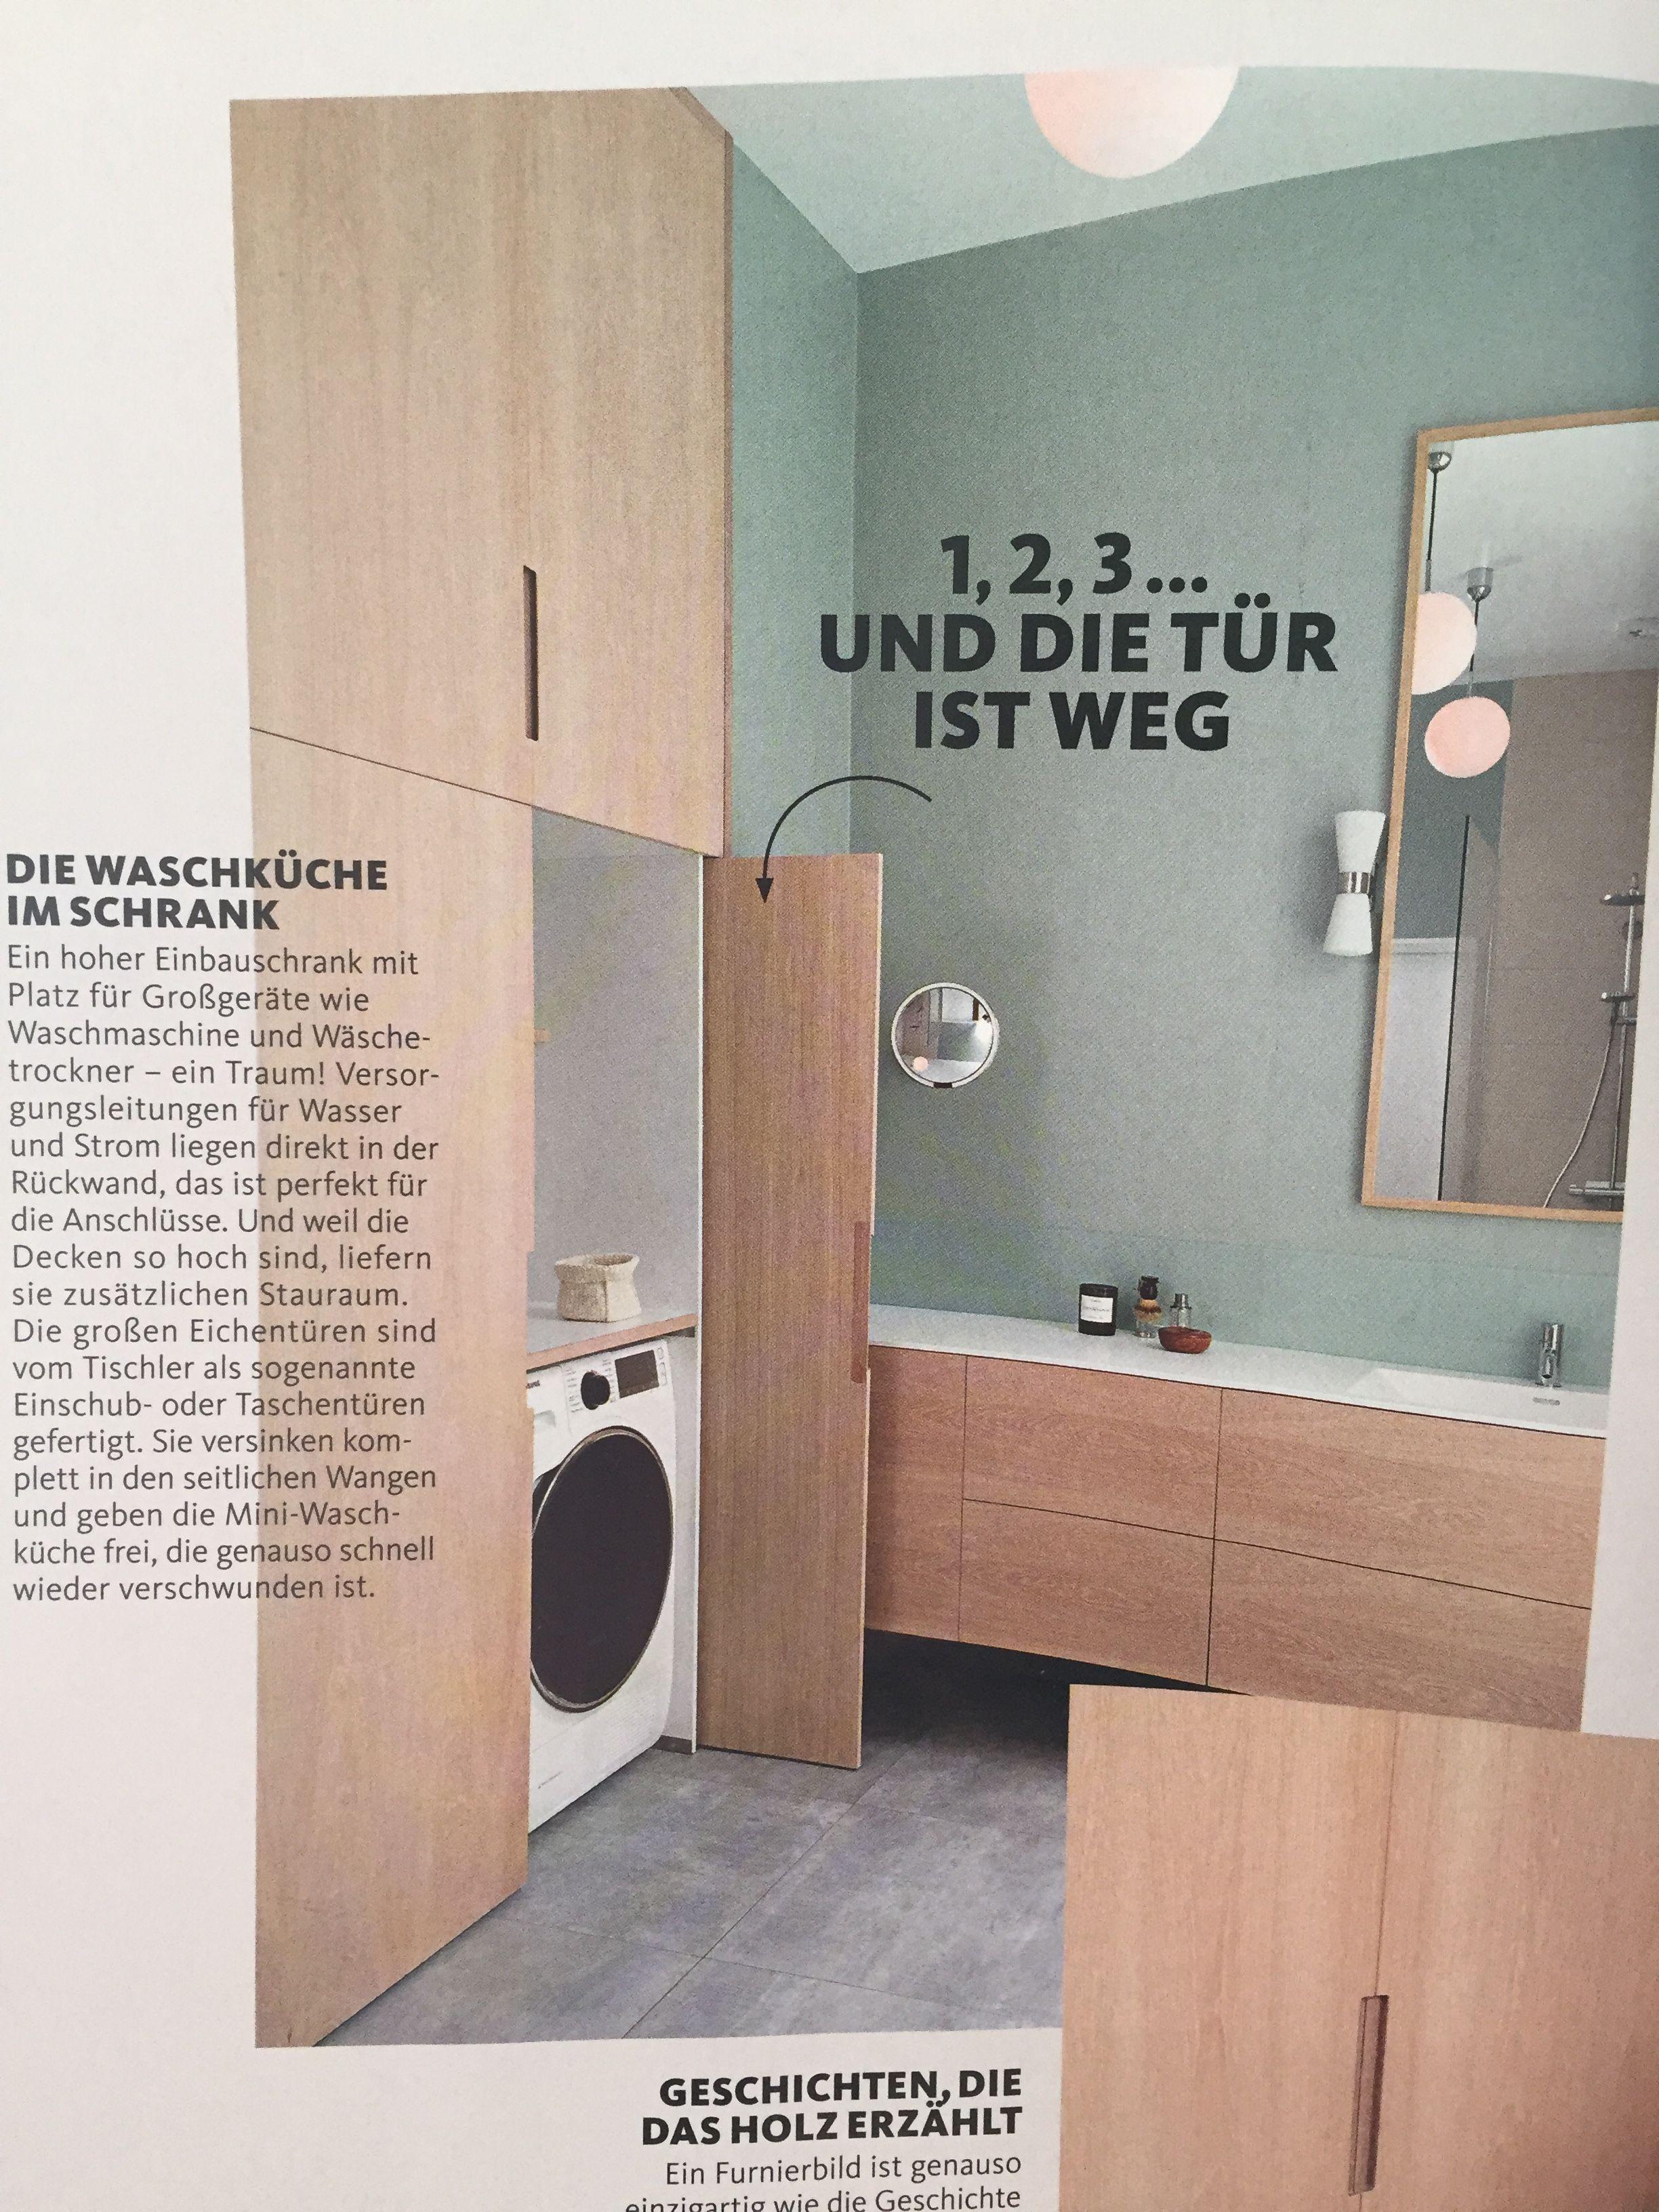 Waschmaschine plus ablagefläche versteckt (küche)  Badezimmer